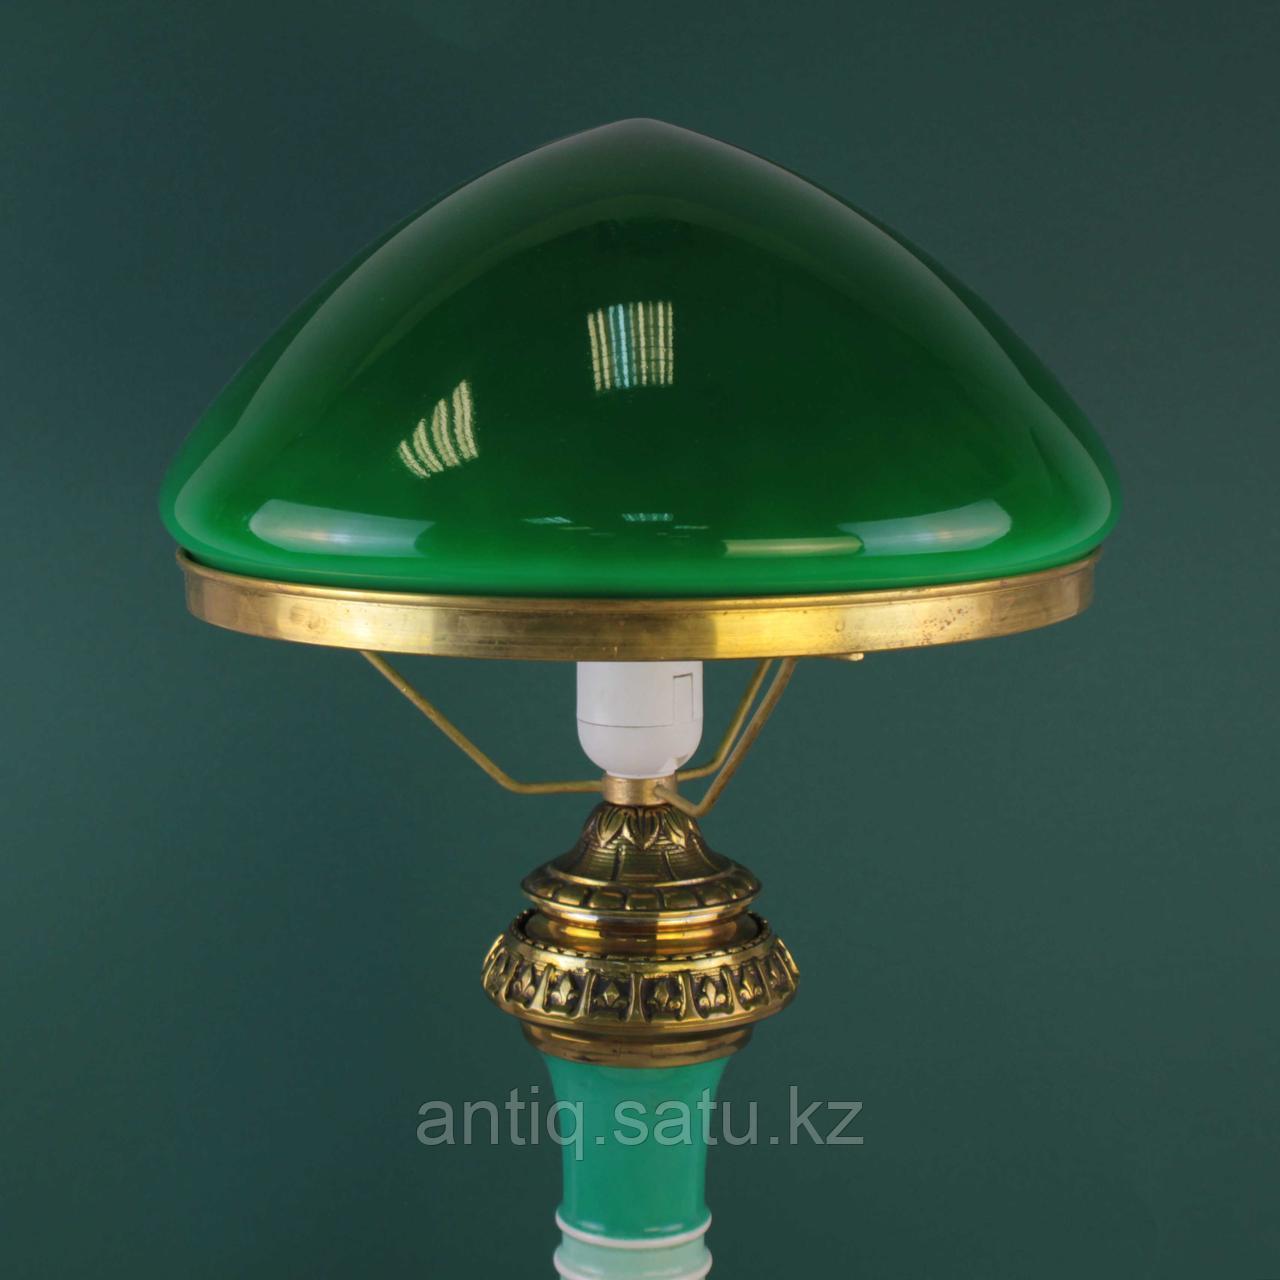 Настольная лампа с зеленым куполом. - фото 2